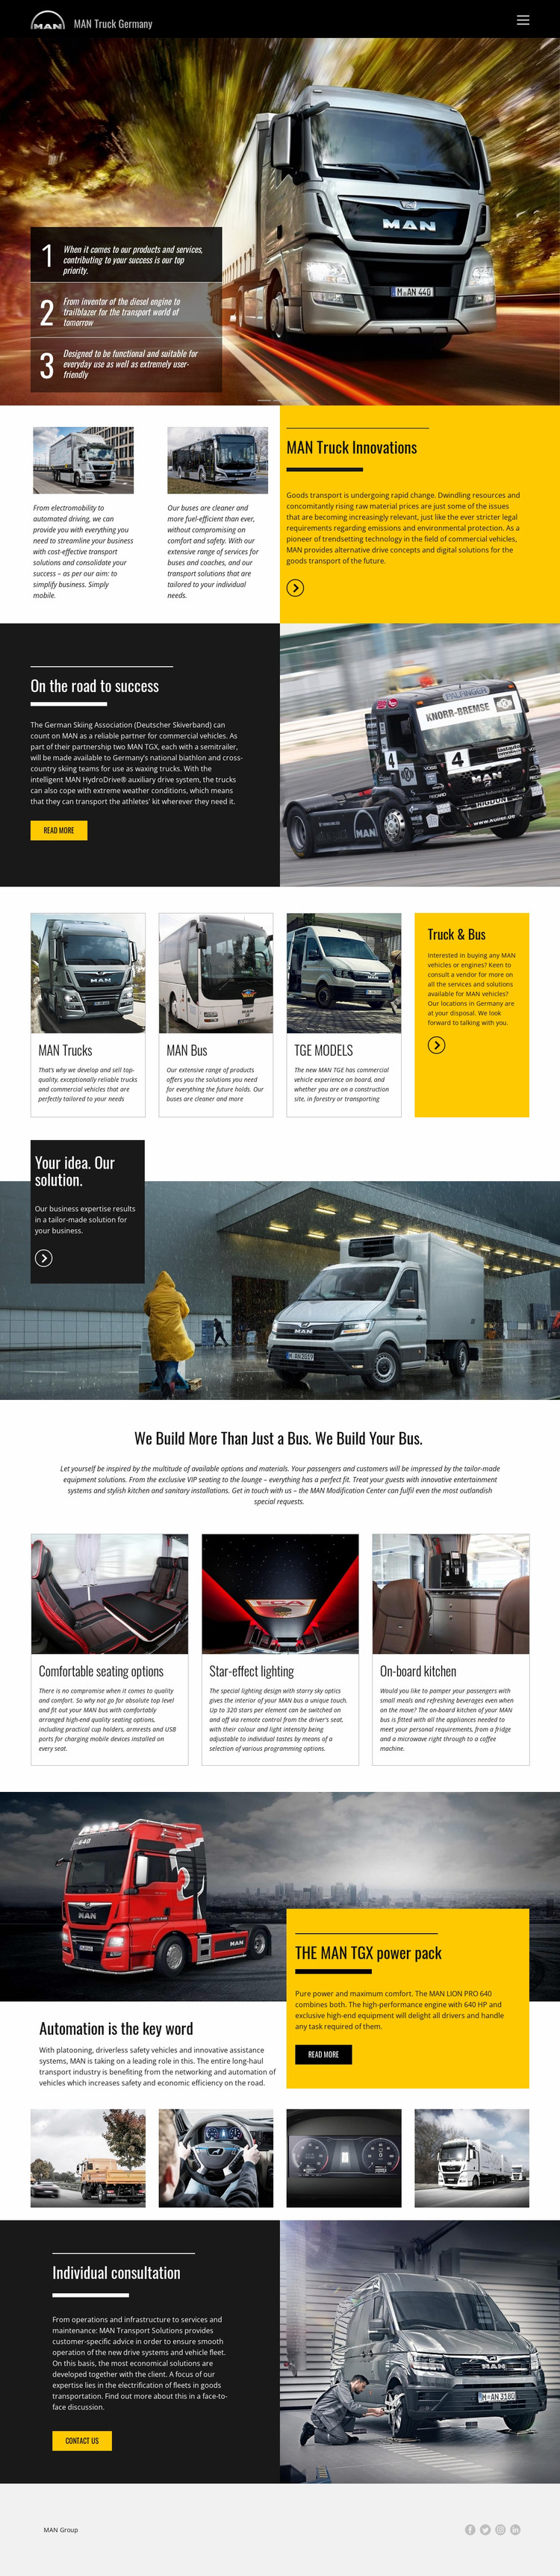 Man trucks for transportation Website Mockup